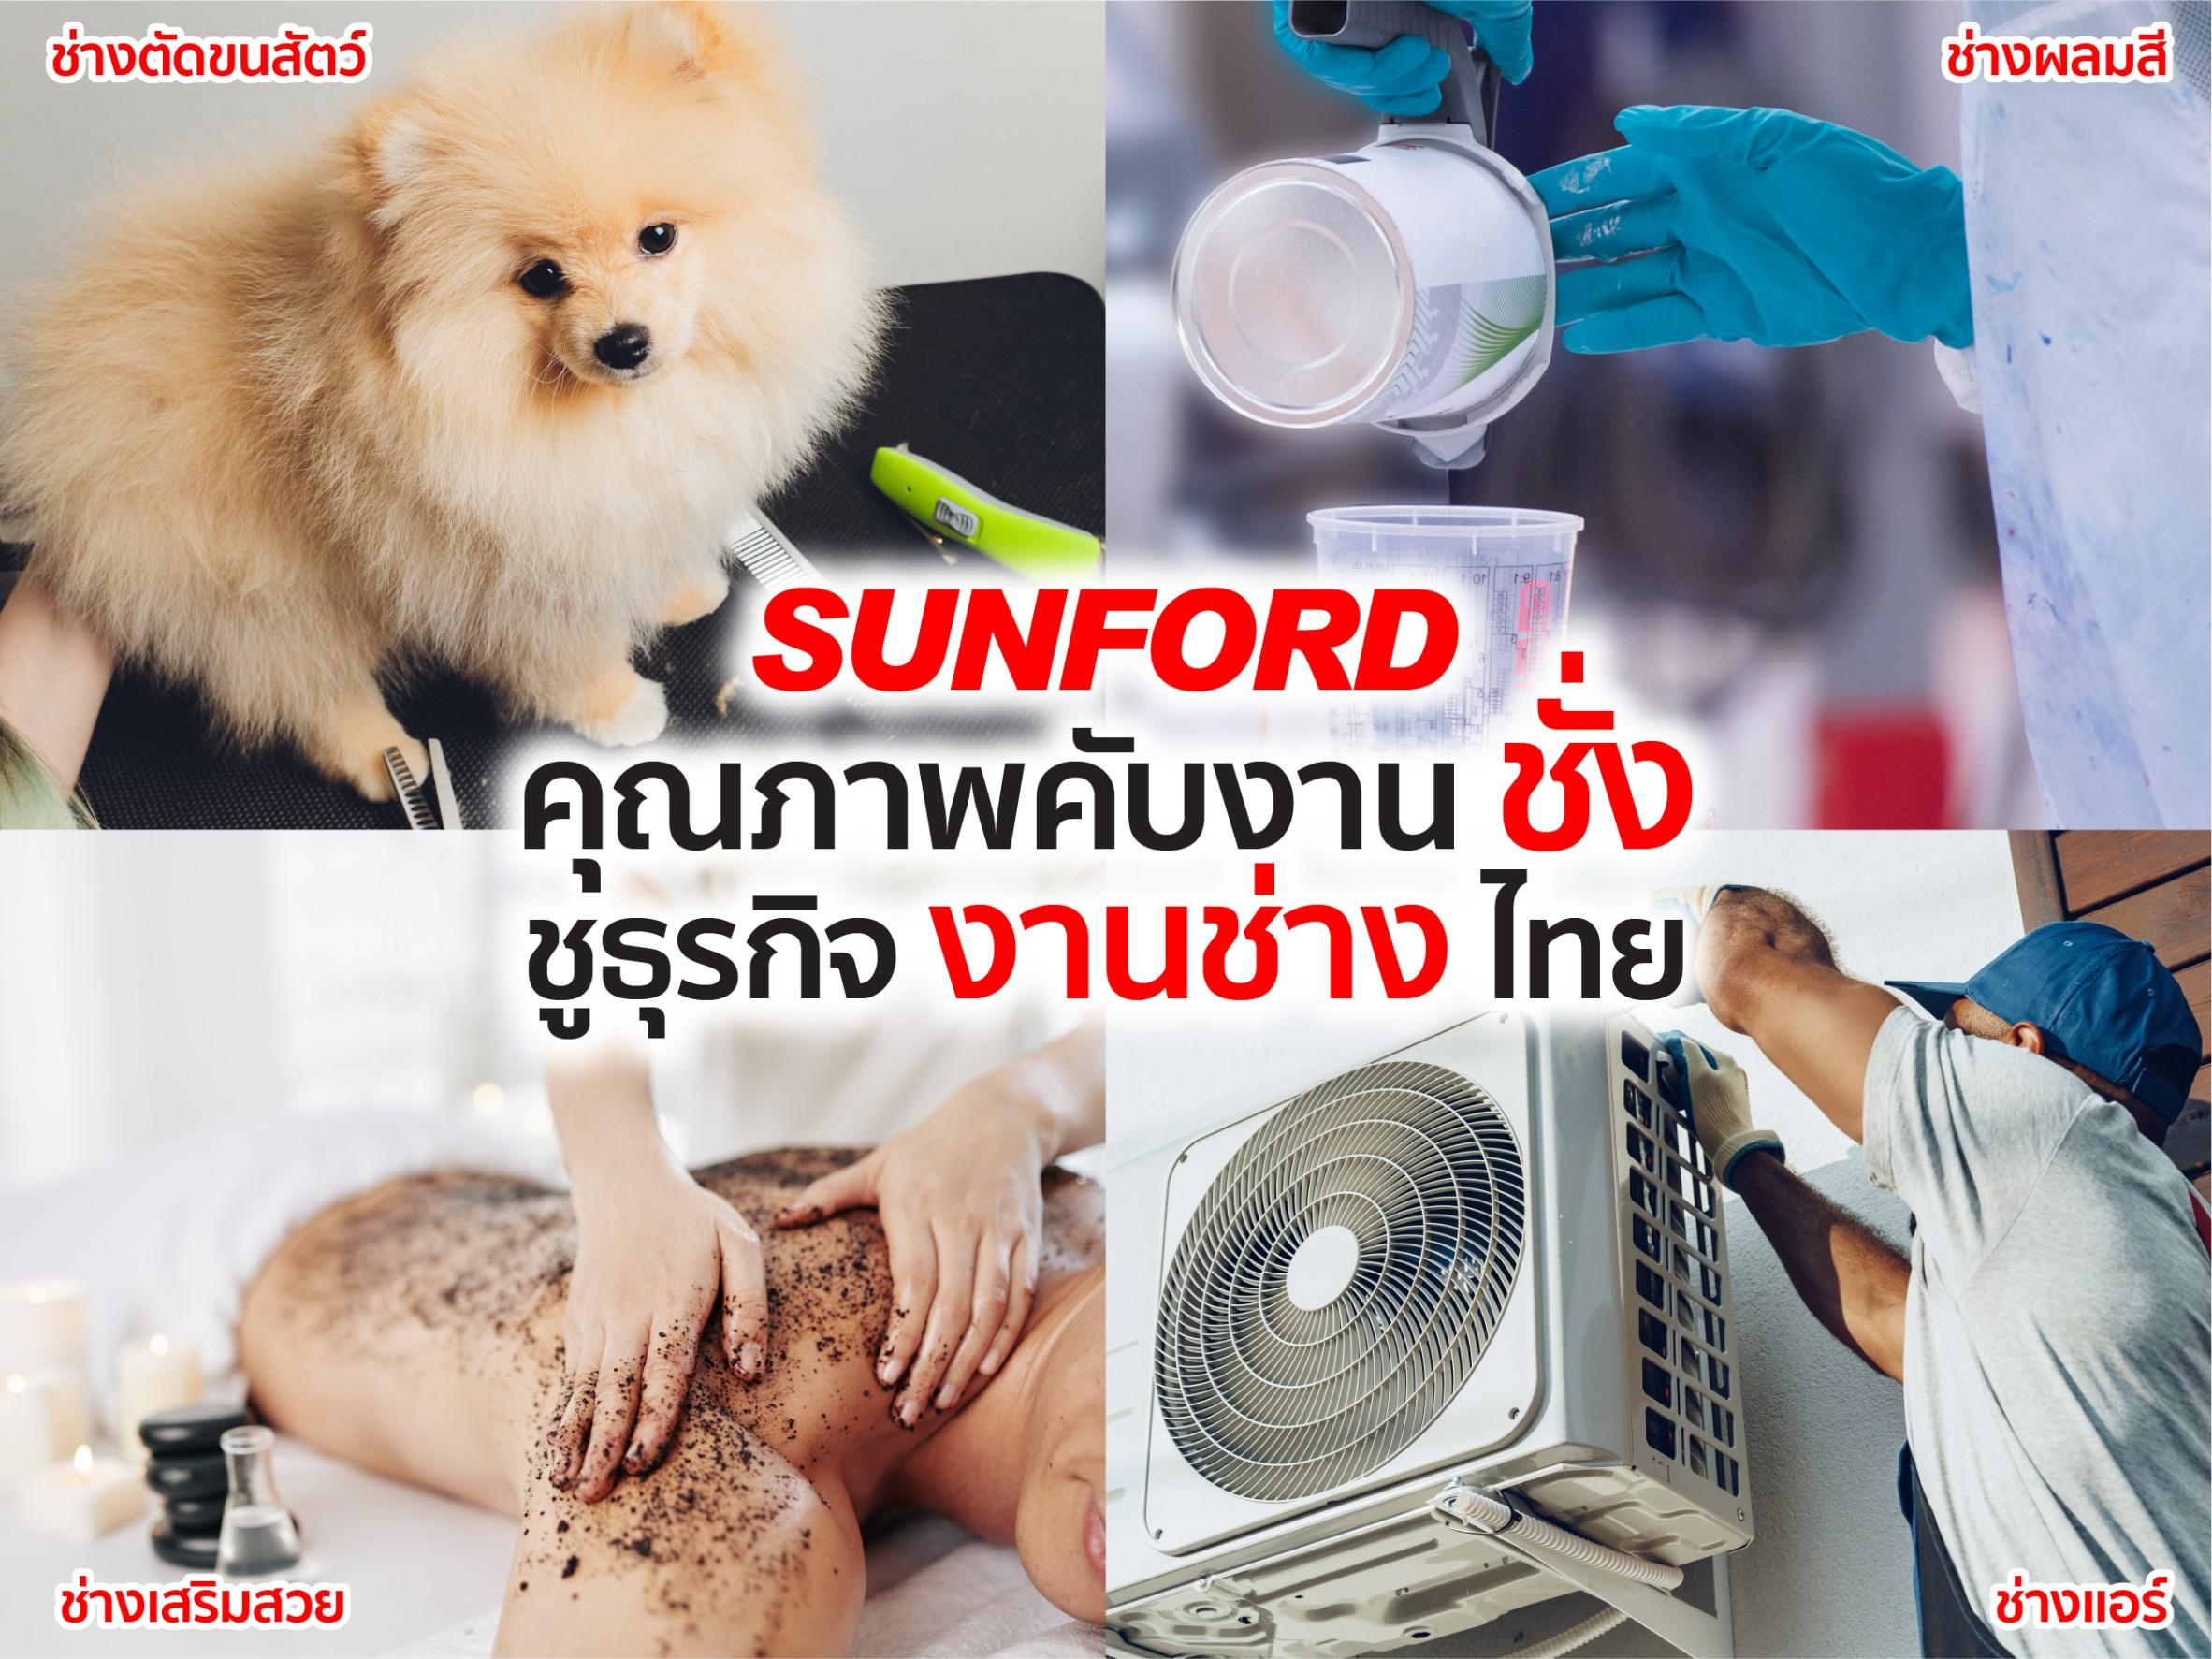 SUNFORD คุณภาพคับงานช่าง ชูธุรกิจงานช่างไทย